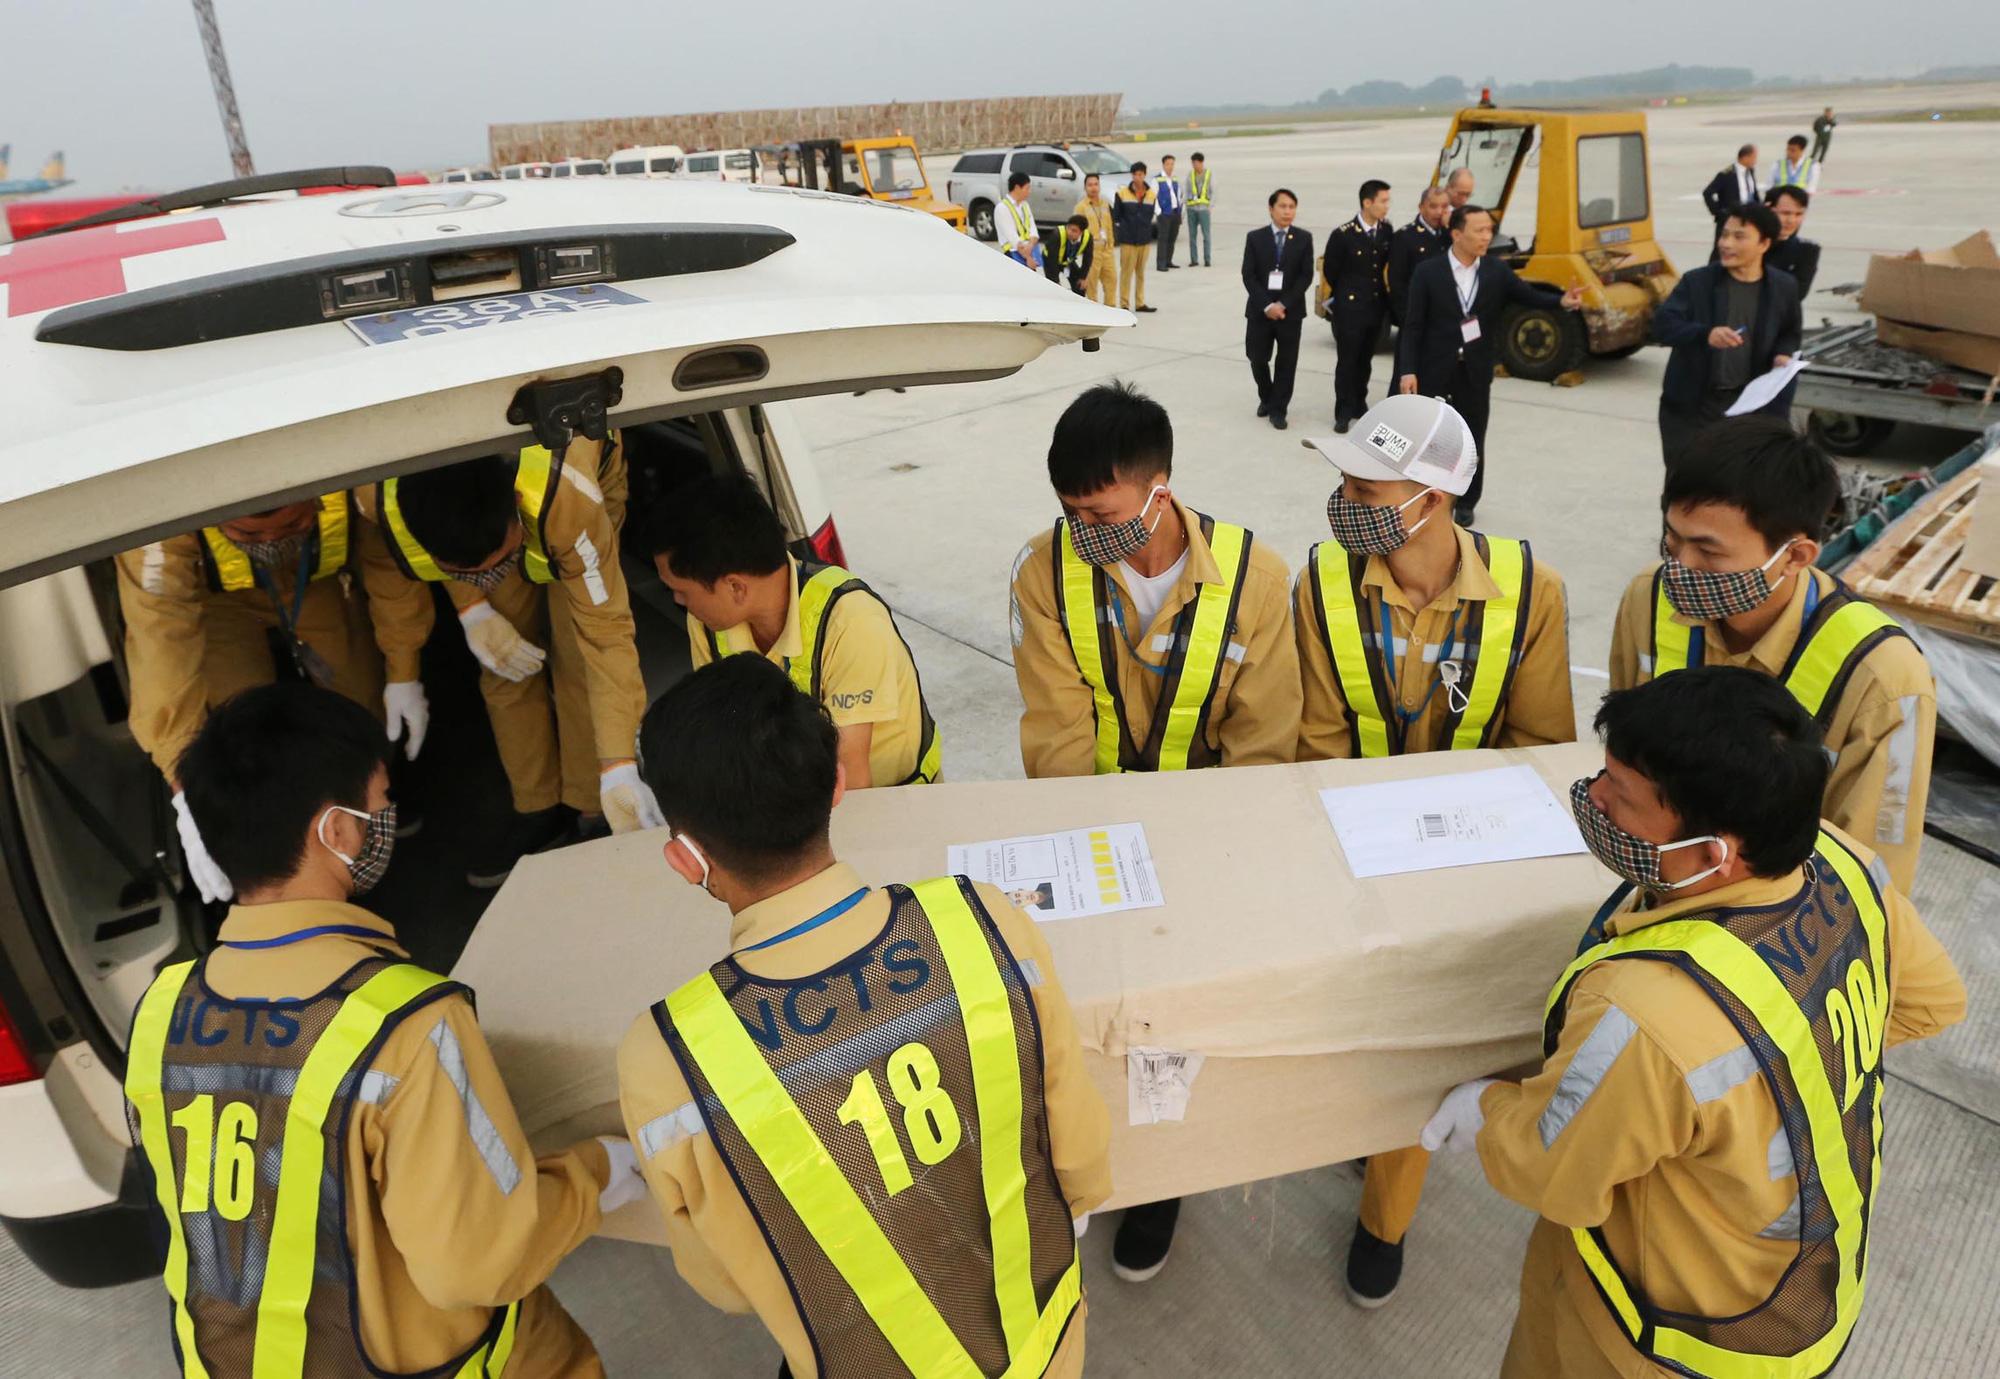 Vụ 39 người chết: Cận cảnh đưa thi thể các nạn nhân về tới Nội Bài - Ảnh 2.